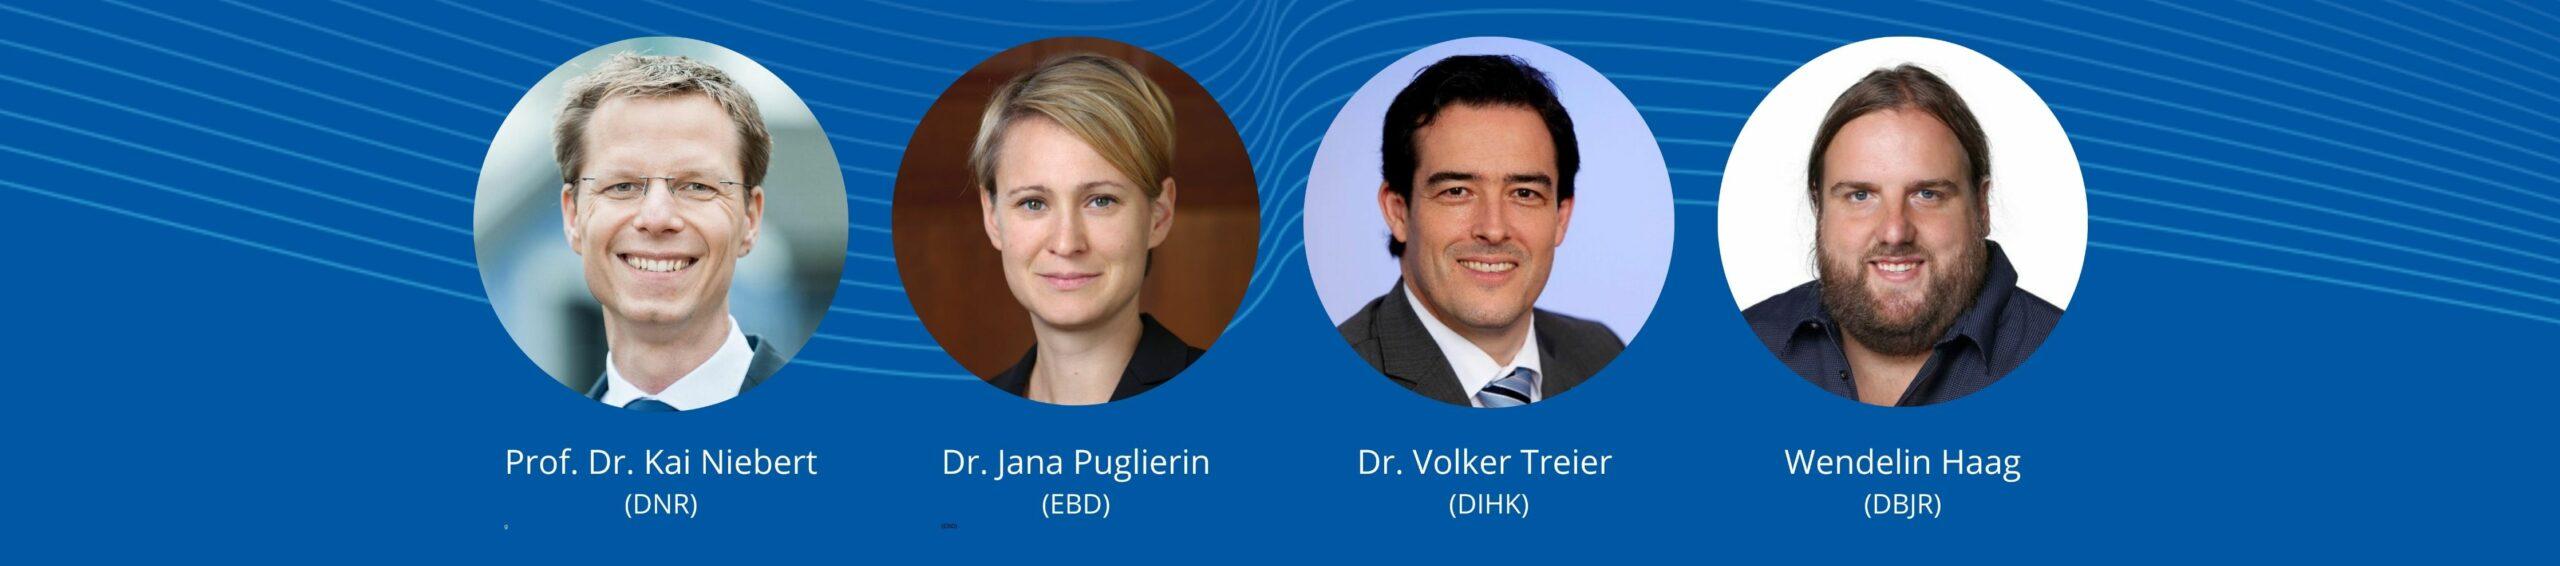 Europapolitische Erwartungen an die nächste Bundesregierung   Paneldiskussion bei EBD-Mitgliederversammlung 2021